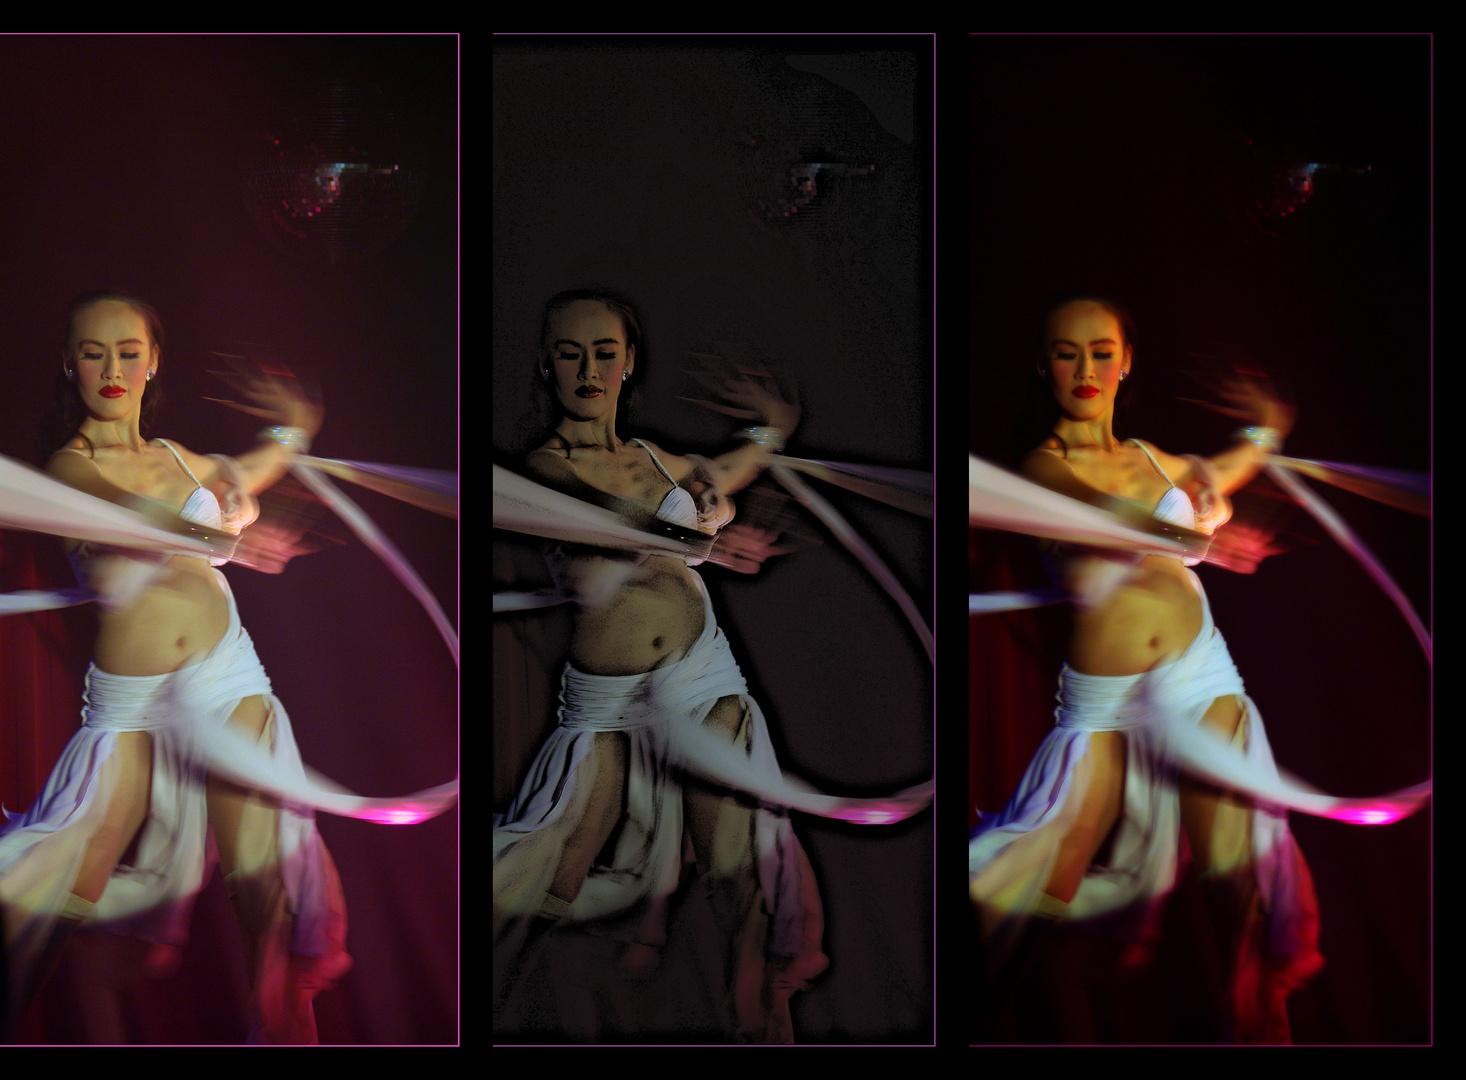 danse triptique